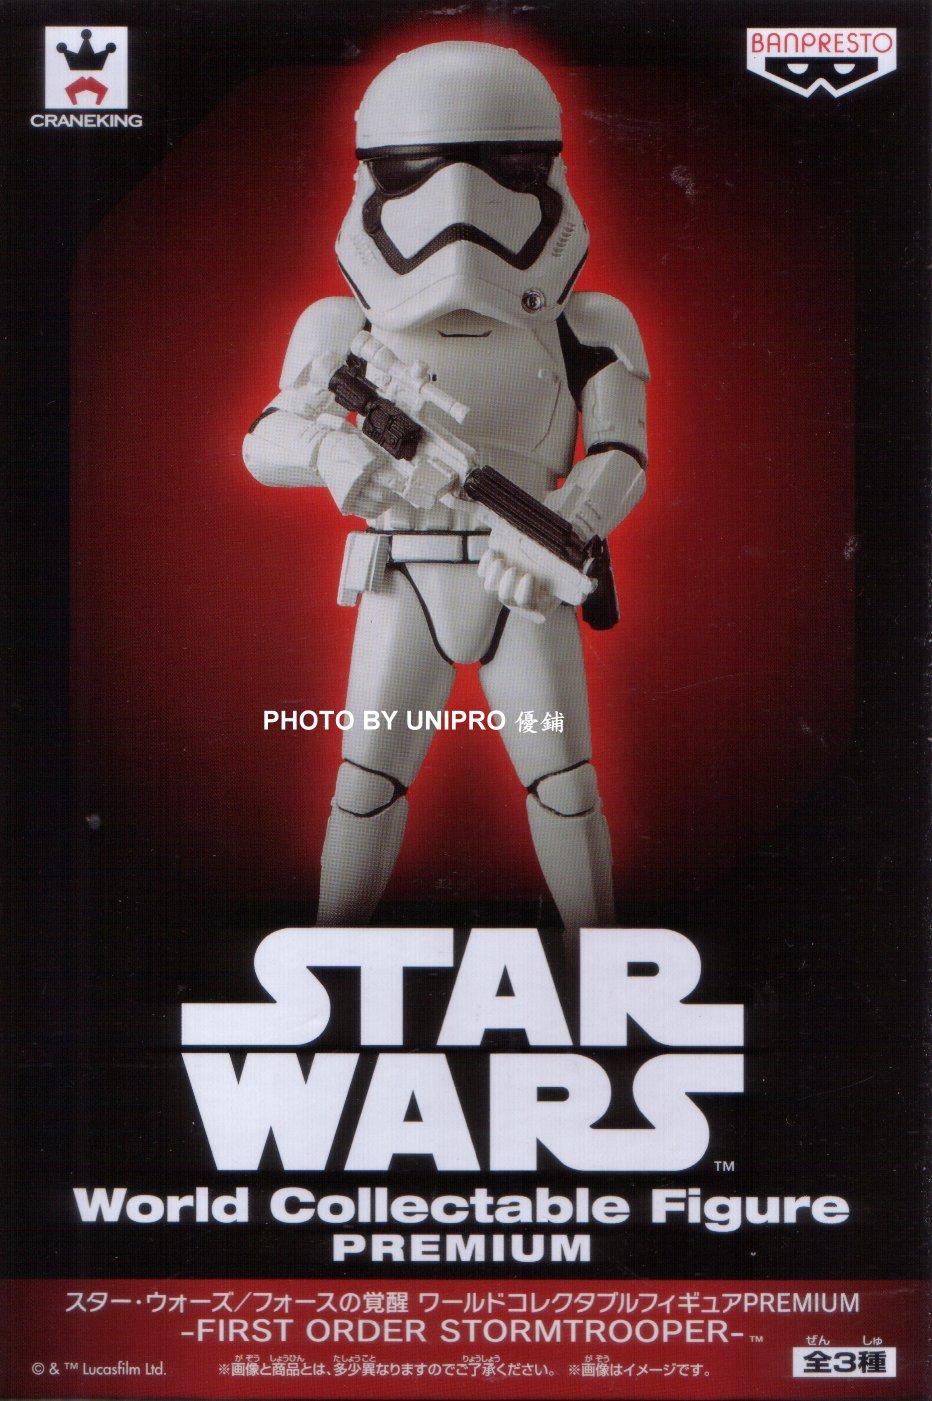 日版 WCF Premium 單售 A款 高階 風暴兵 白兵 第一軍團 FIRST ORDER STORM TROOPER Star Wars 星際大戰 公仔